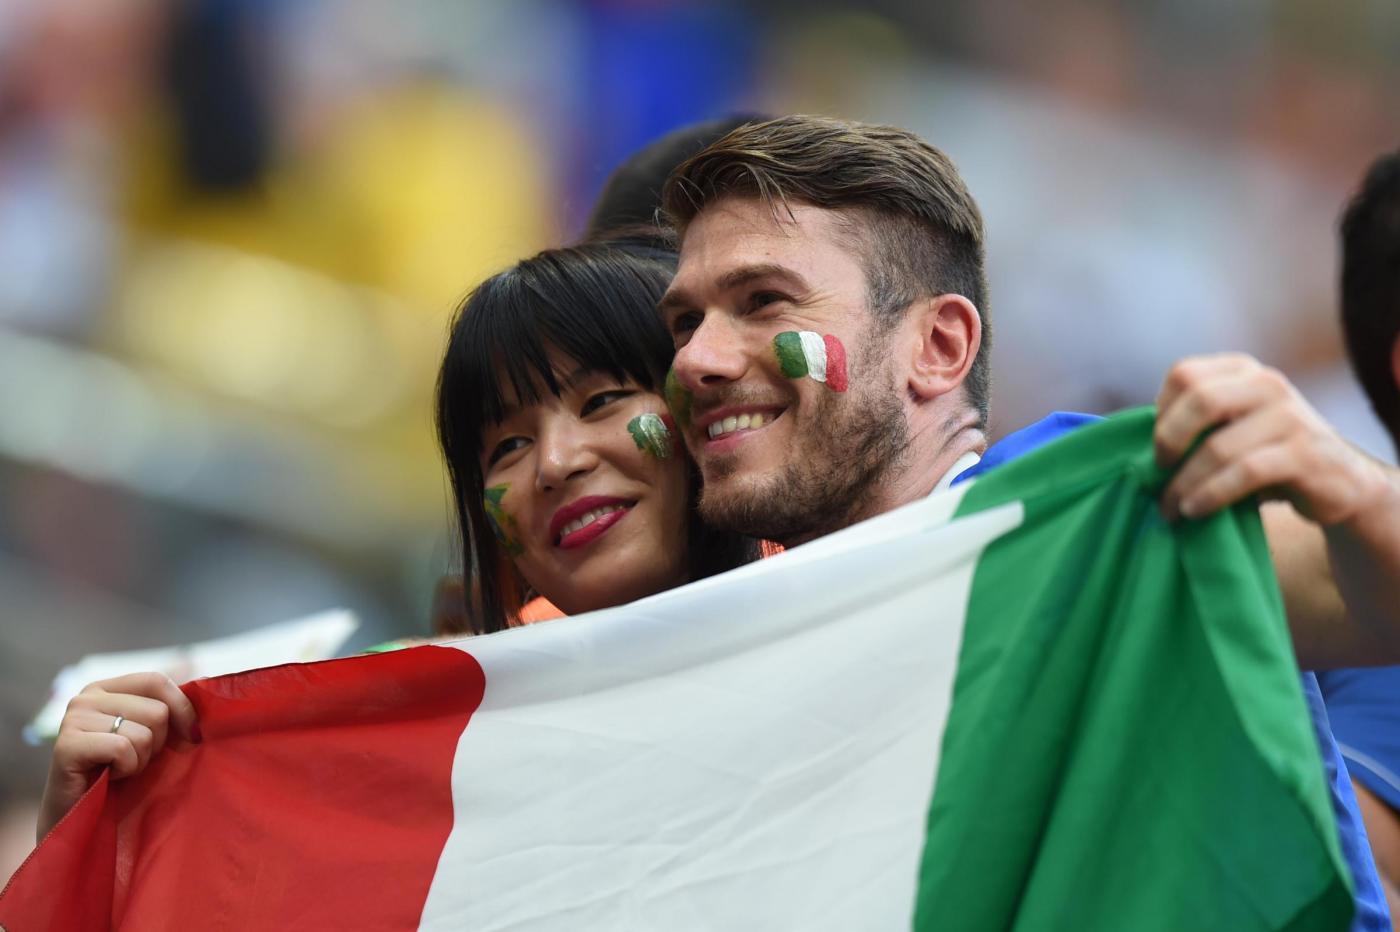 Mondiali 2014, semplici regole per capire o fingersi esperte di calcio